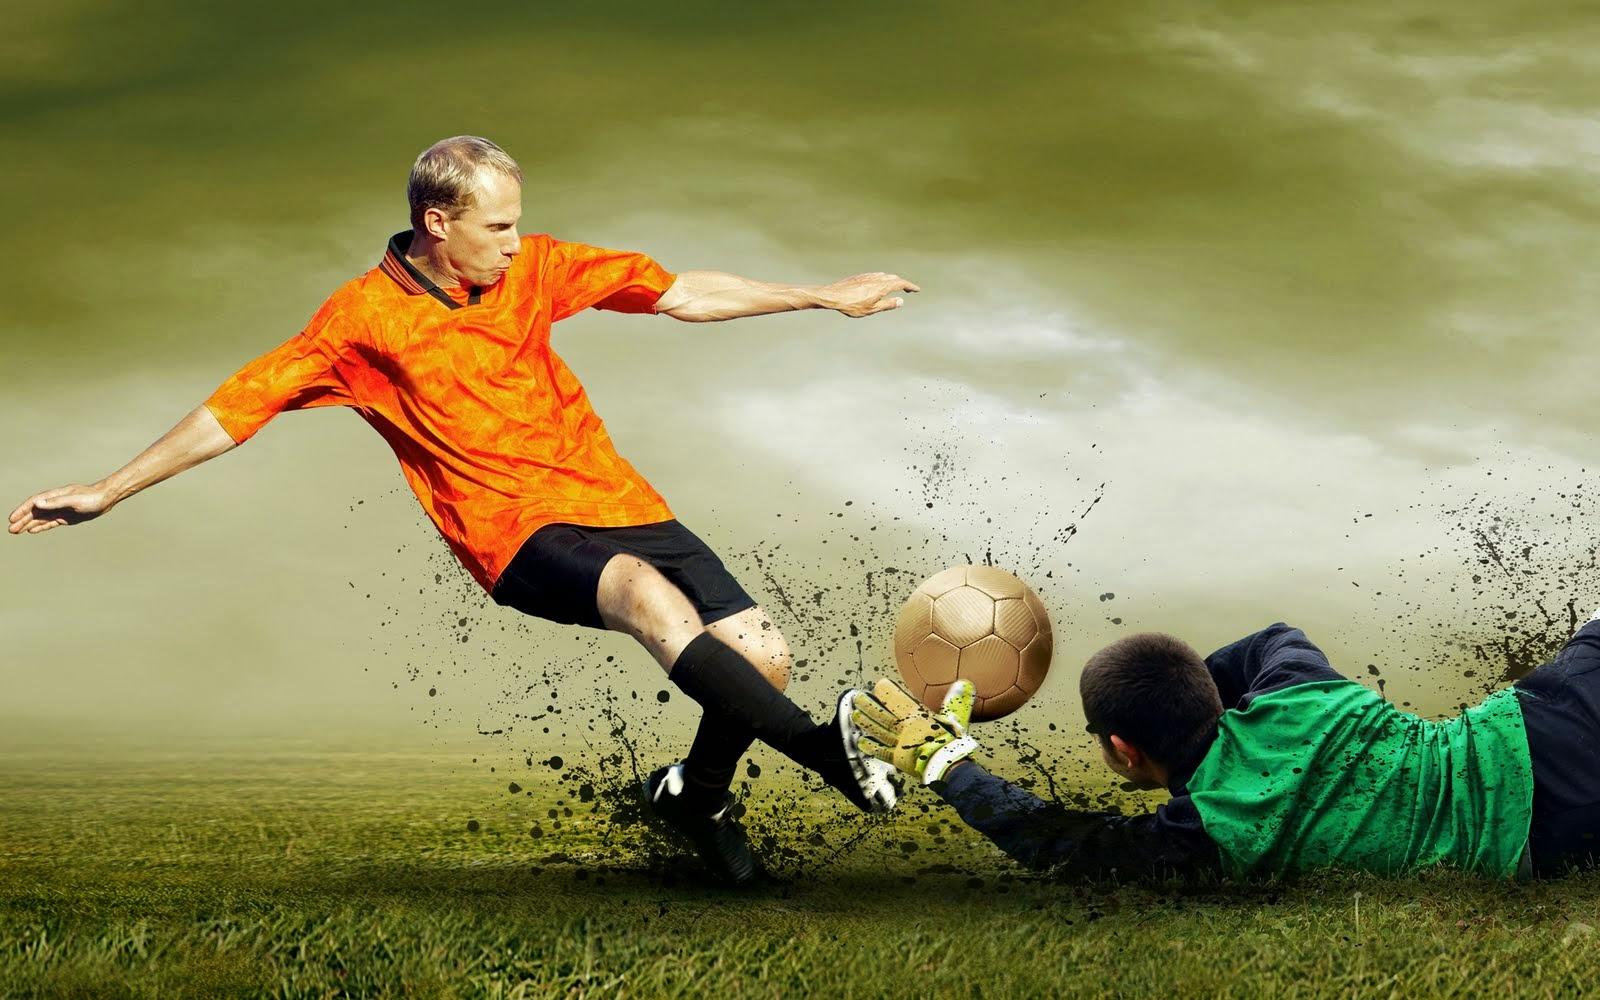 Los programas de predicción de apuestas deportivas